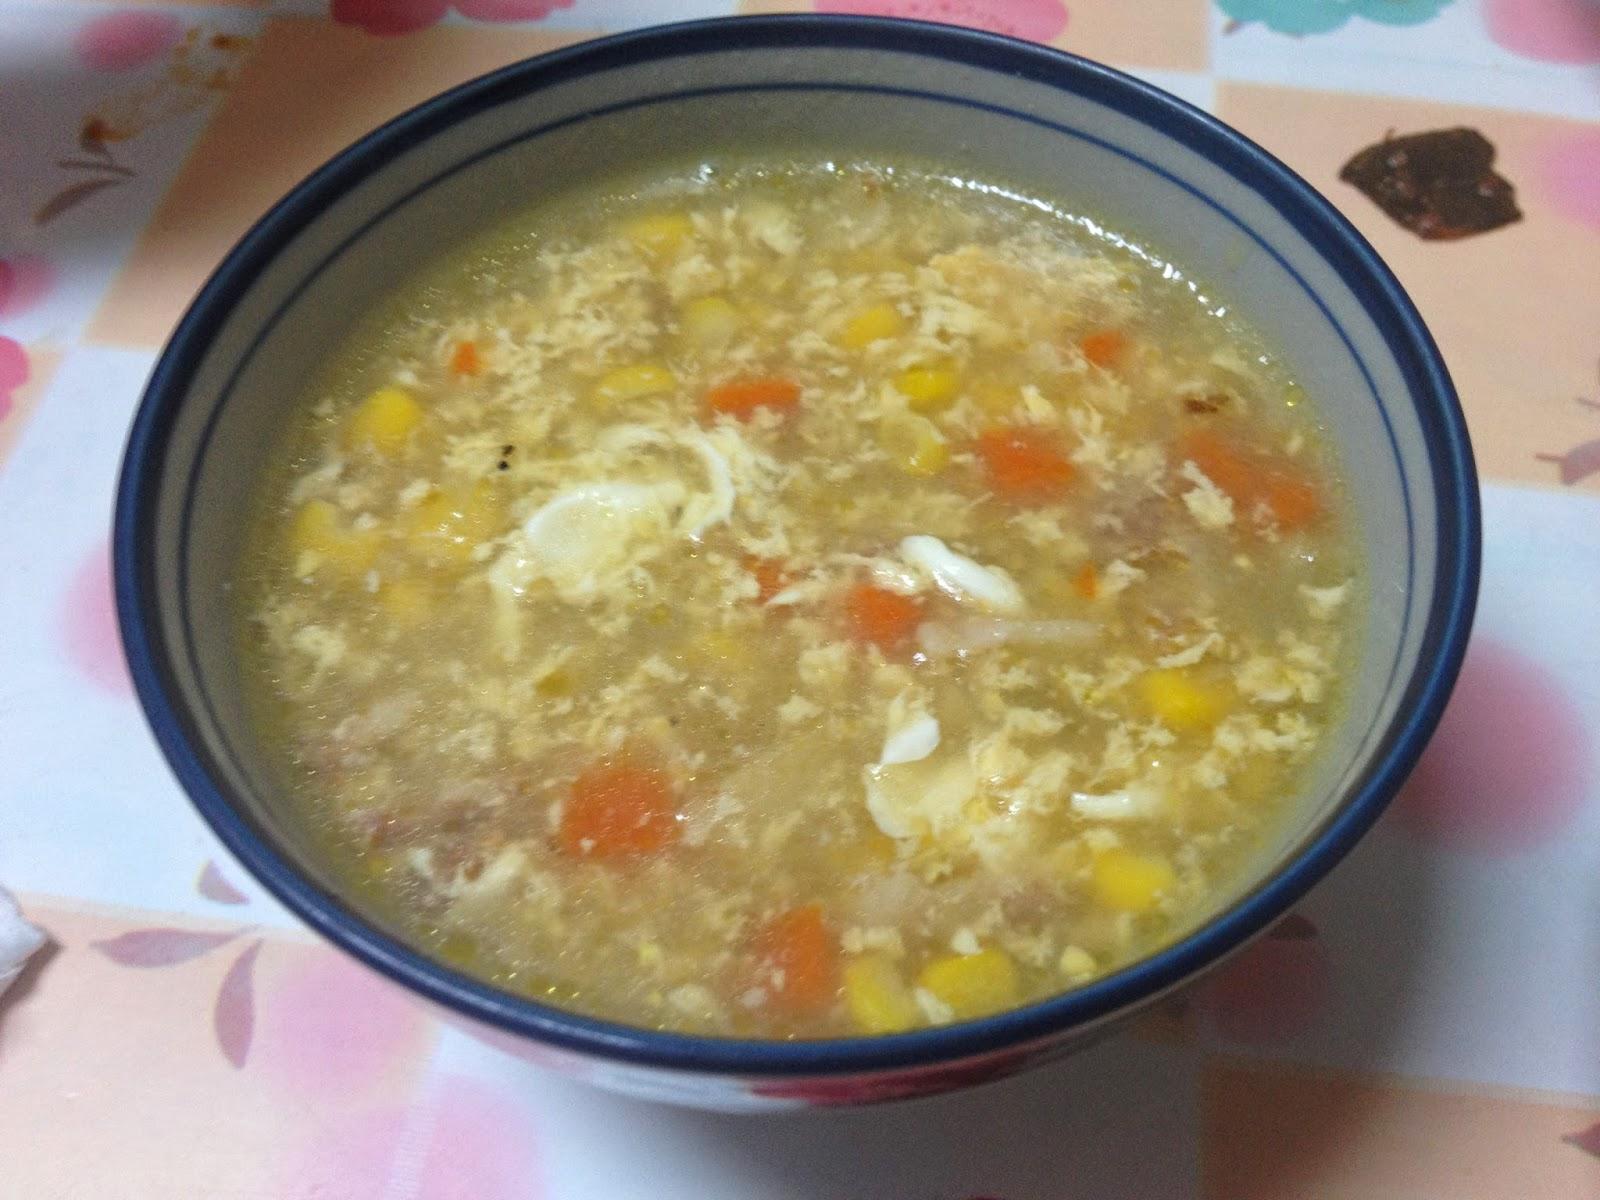 【靜姐上菜】Jean的廚房飲食歡樂記: 臺式玉米濃湯